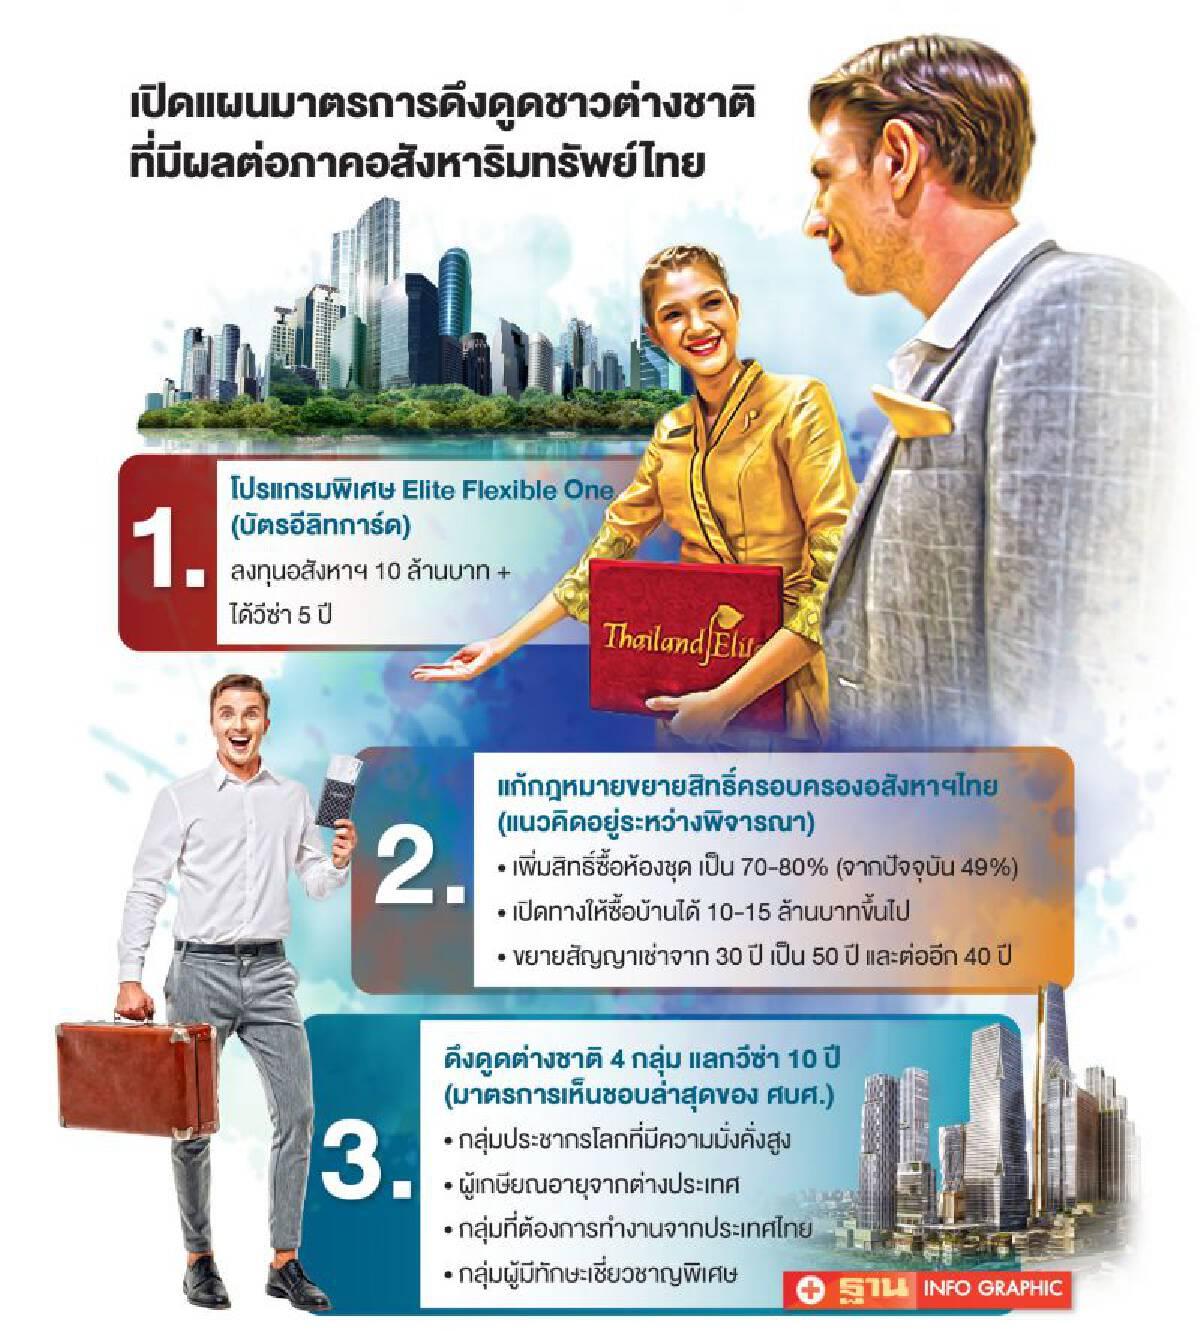 เปิดแผนมาตรการดึงดูดชาวต่างชาติ ที่มีผลต่อภาคอสังหาริมทรัพย์ไทย